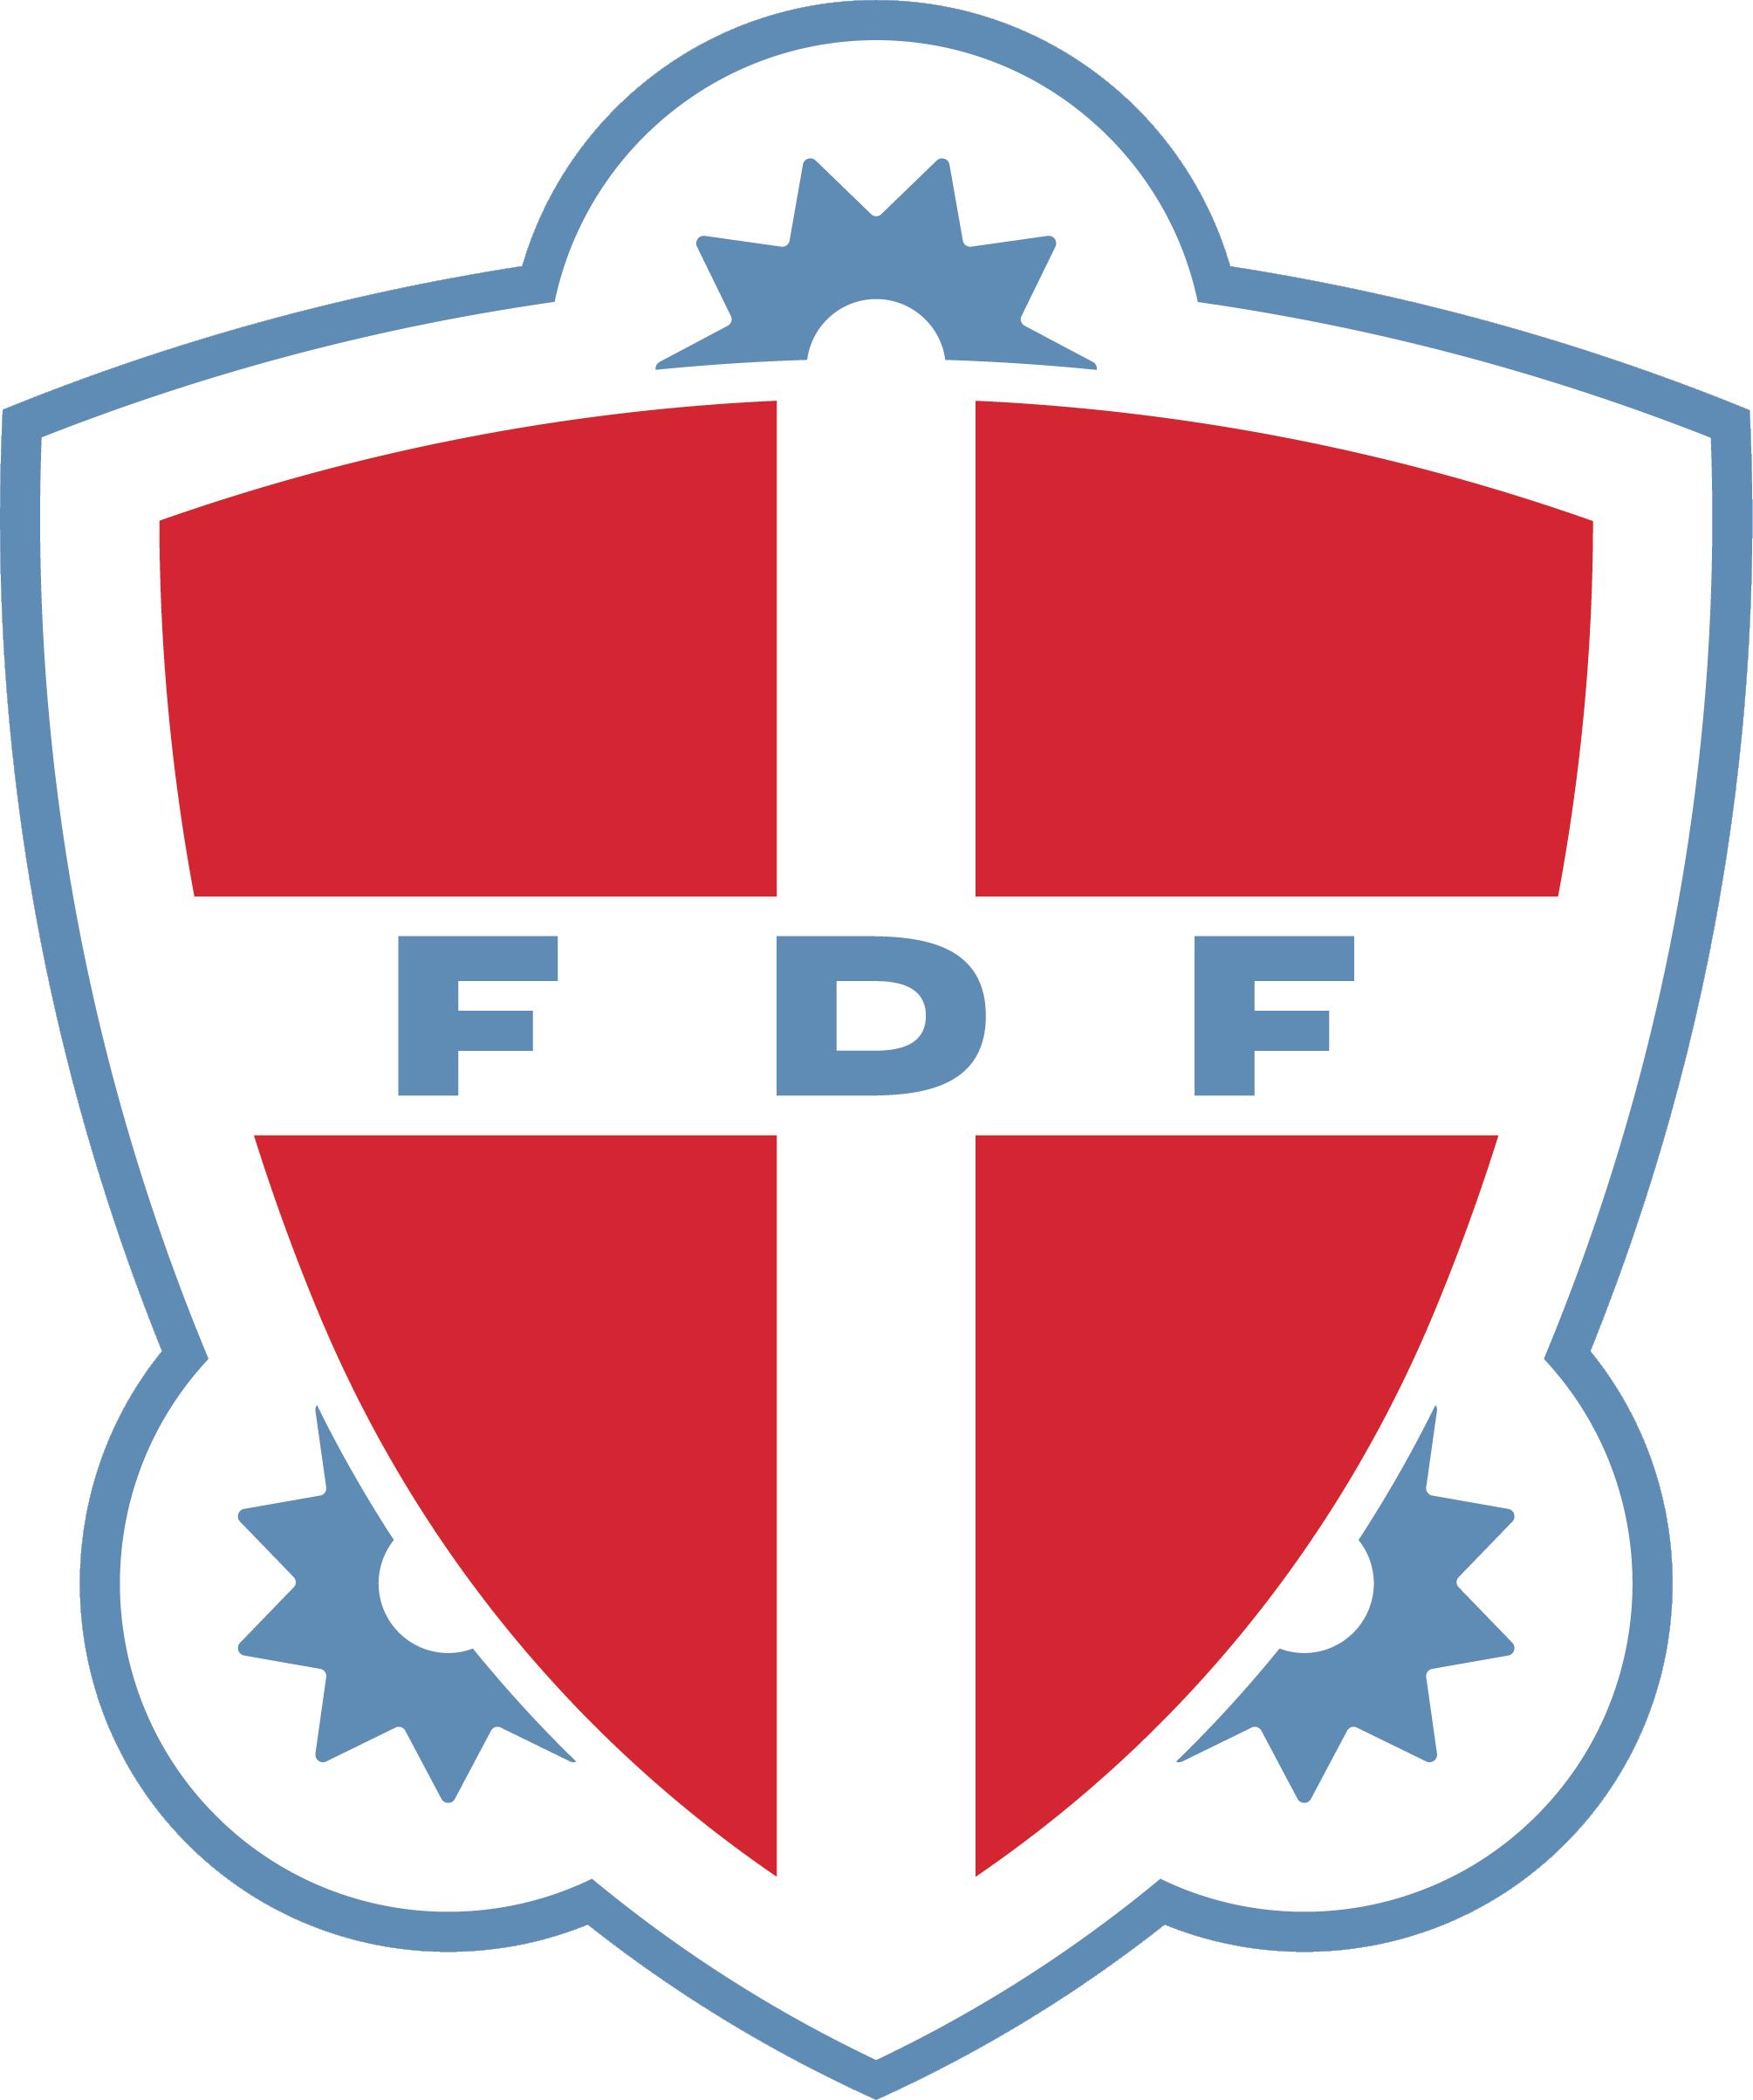 FDF_Skjold_FDFblaa_Med_Outline_RGB.png